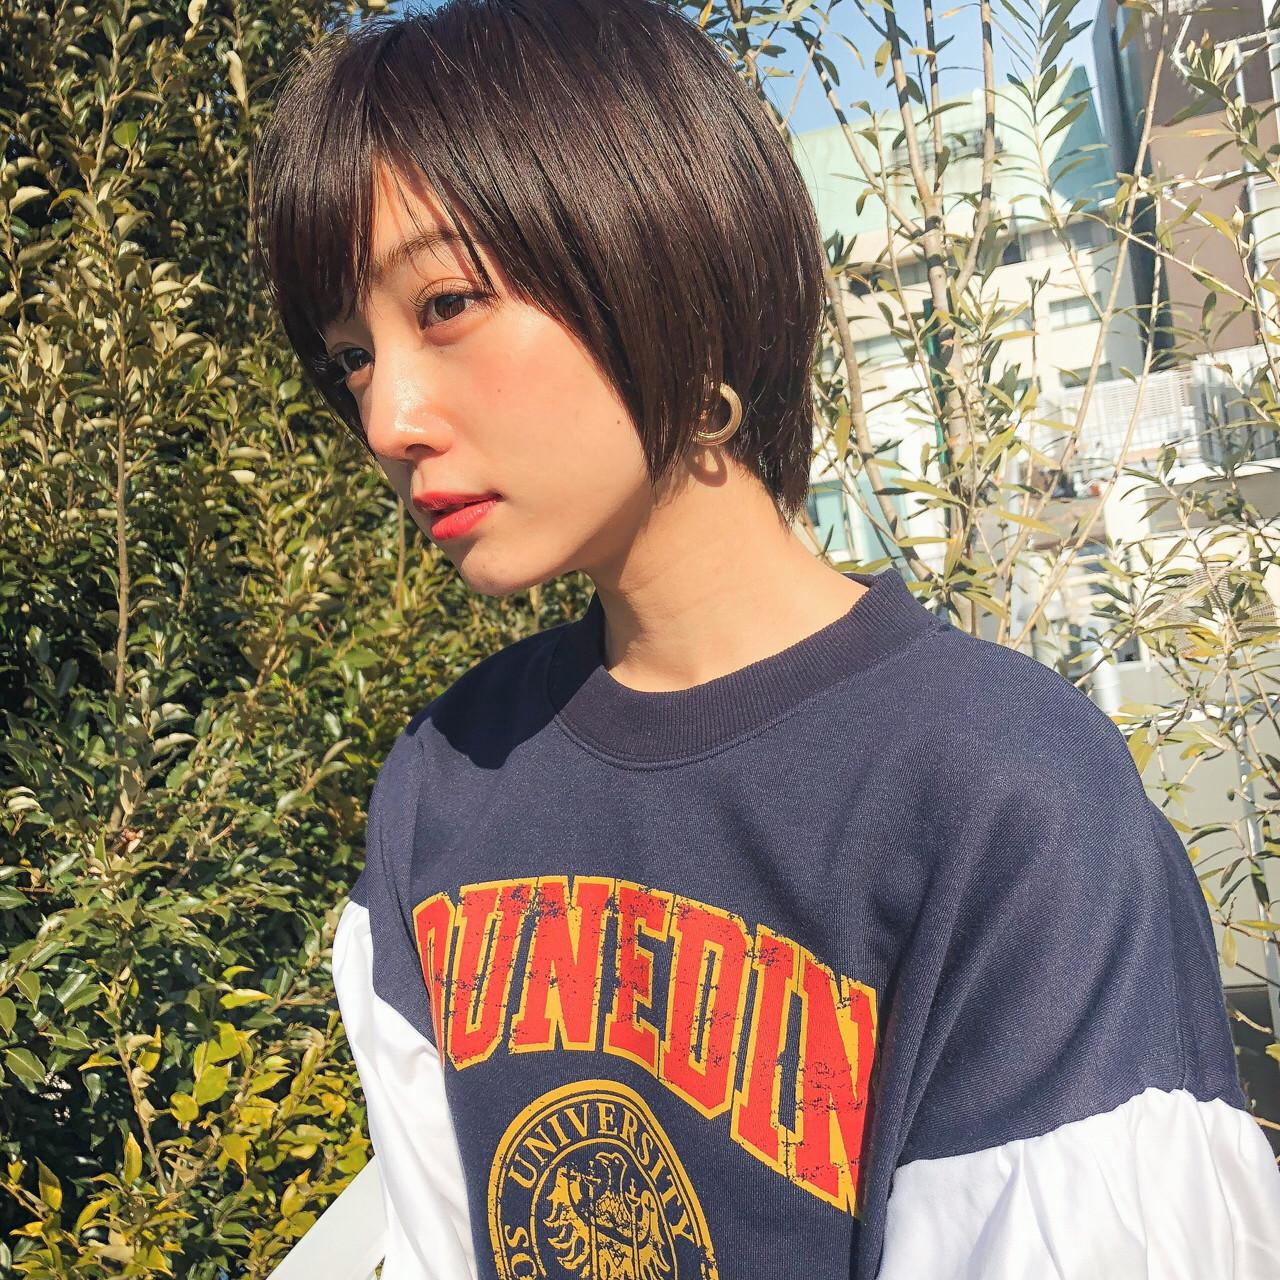 ショートヘアが似合う芸能人は?10代から40代の年代別で!【HAIR】